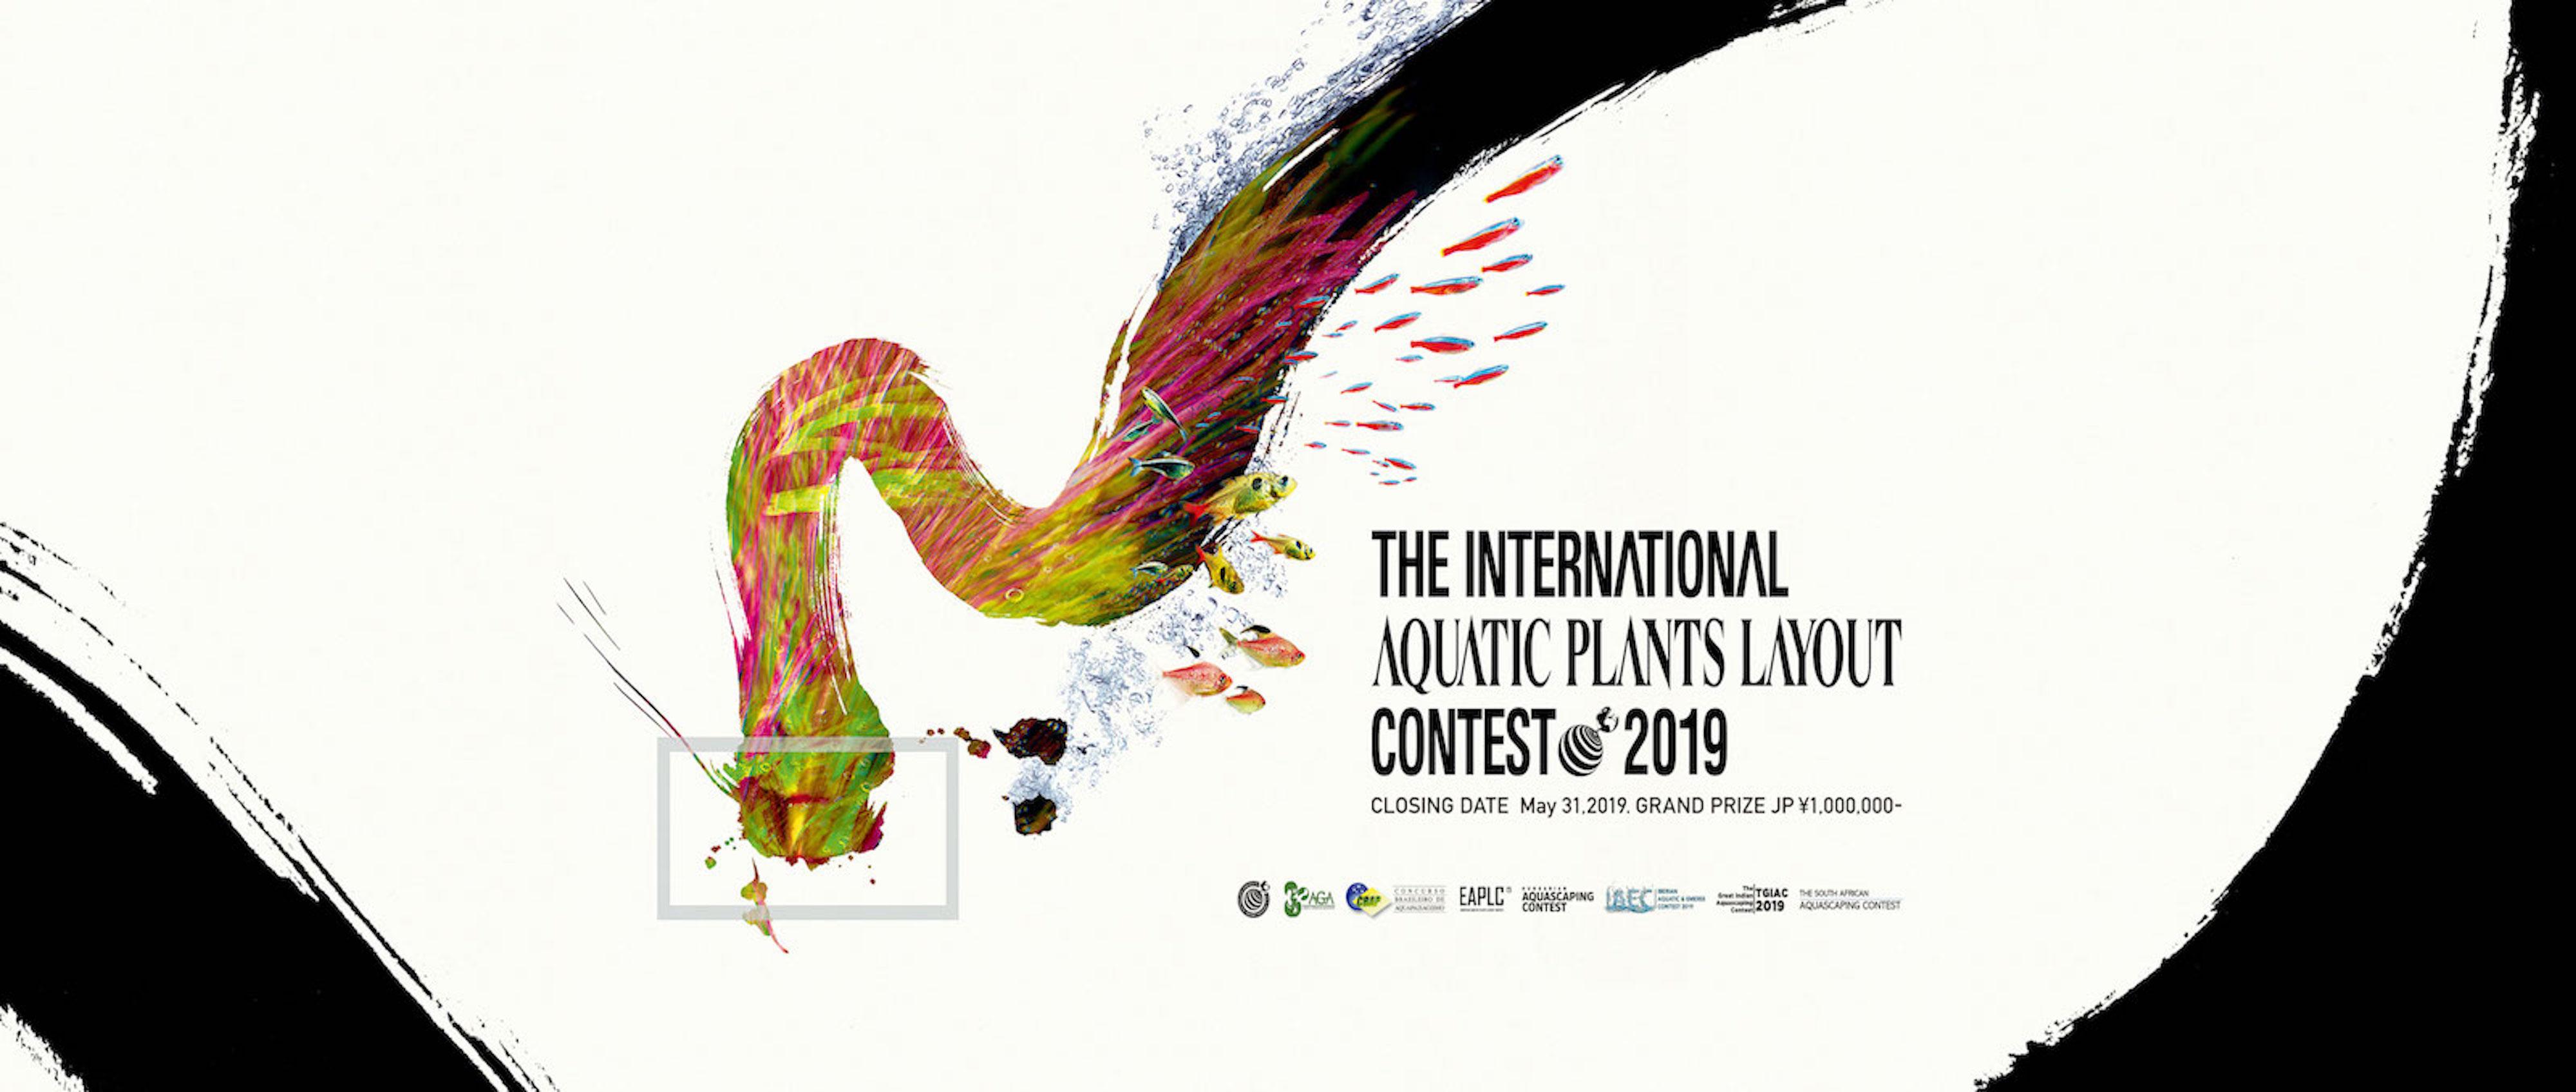 ada-contest-iaplc2019-3